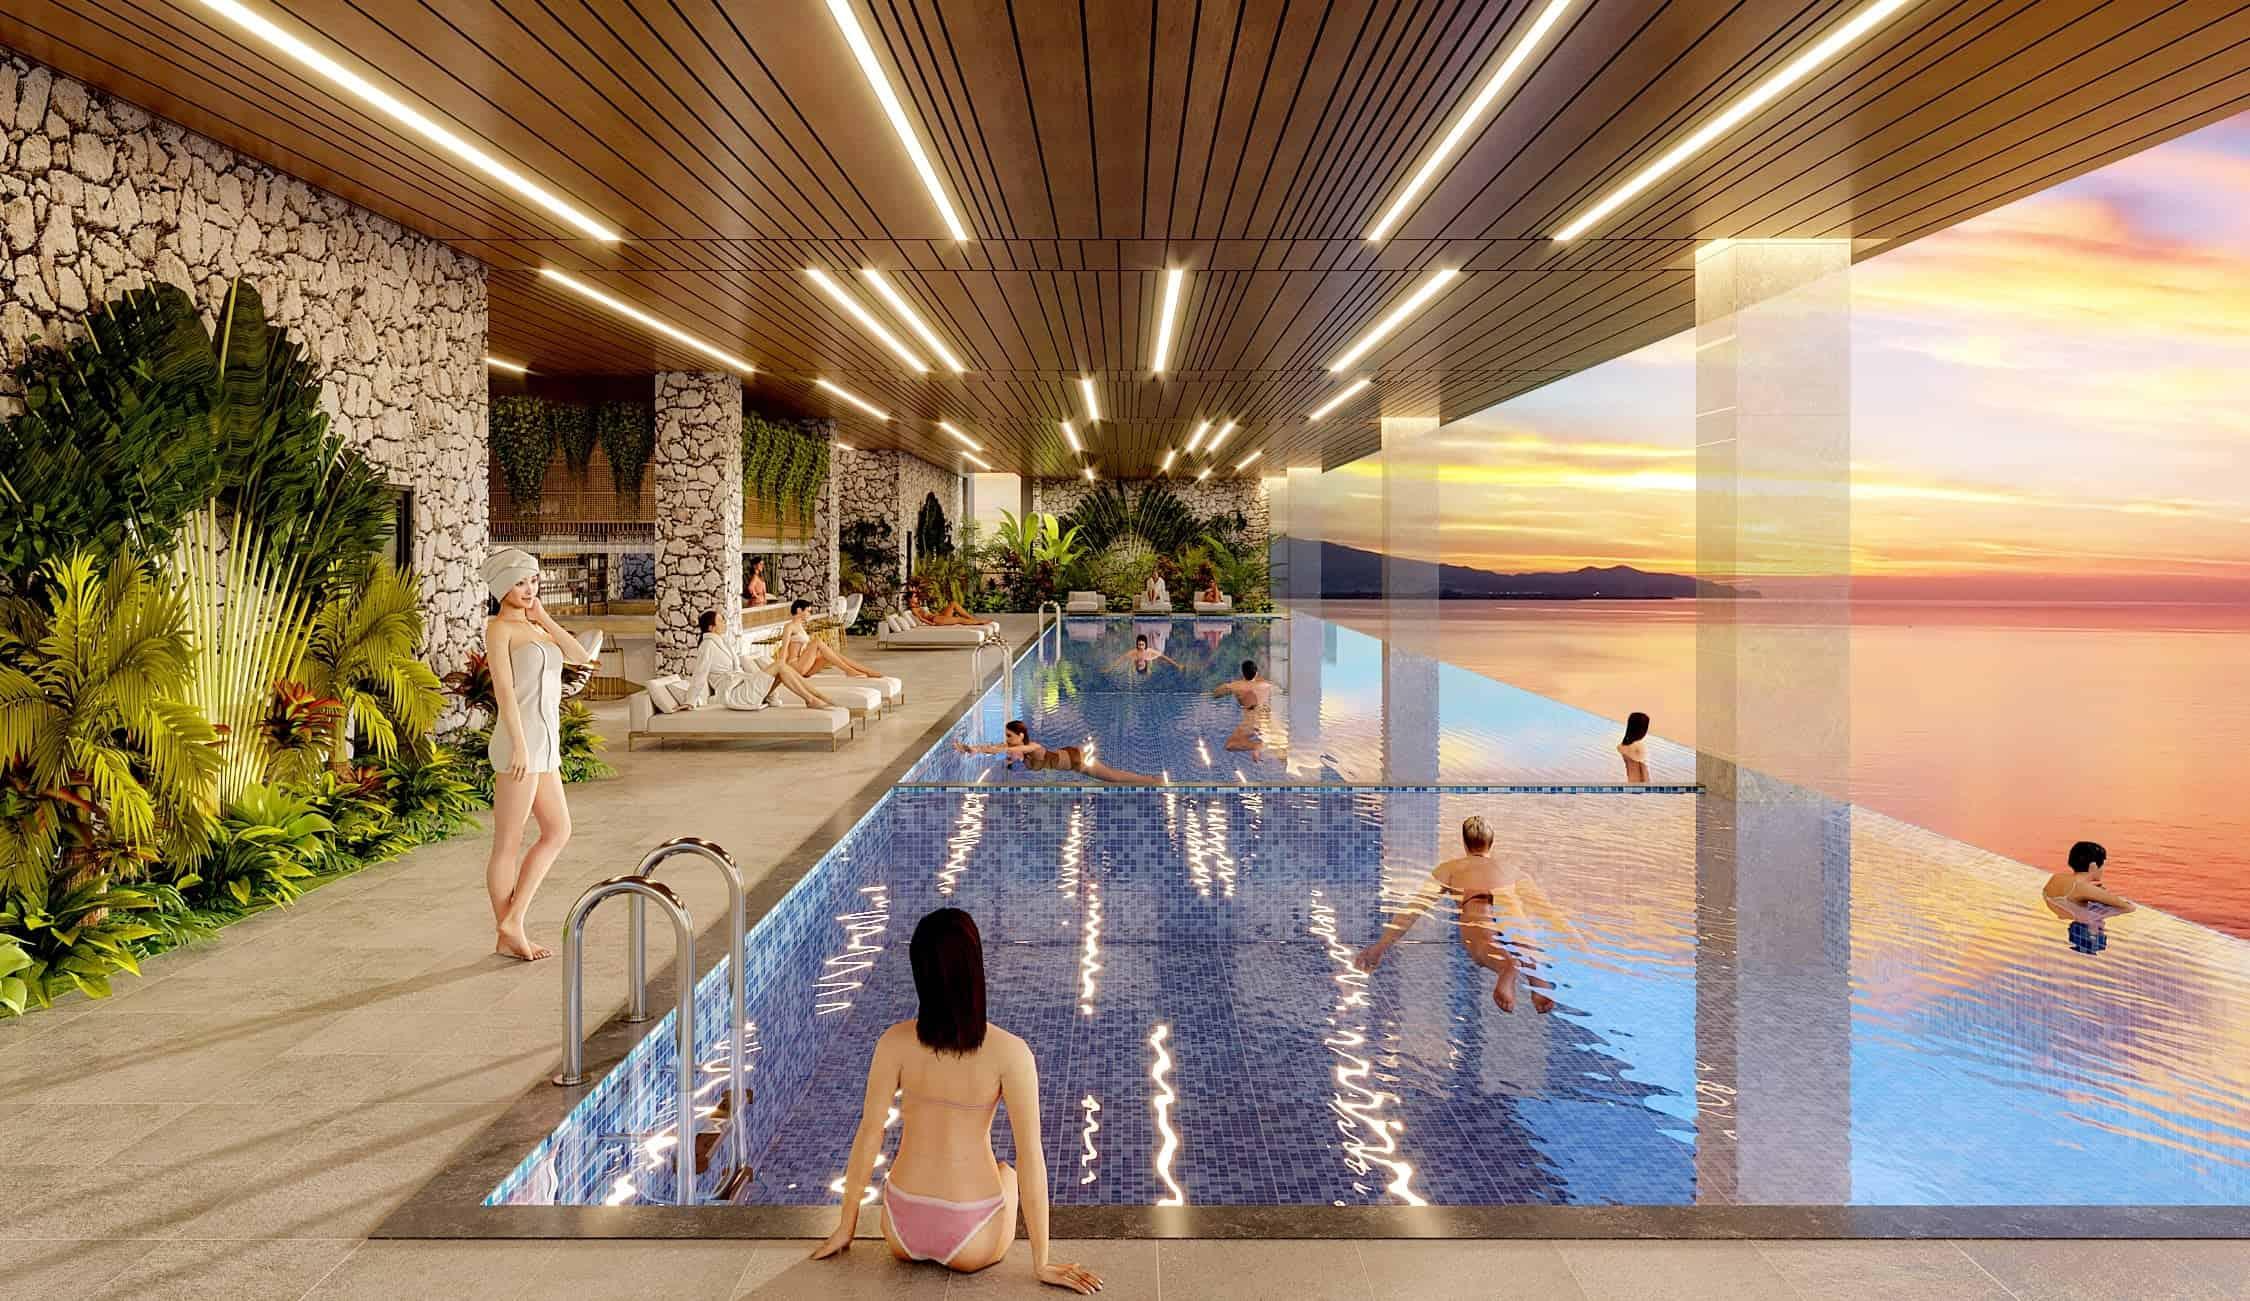 tiện ích hồ bơi the sang- mua căn hộ The Sang Đà Nẵng